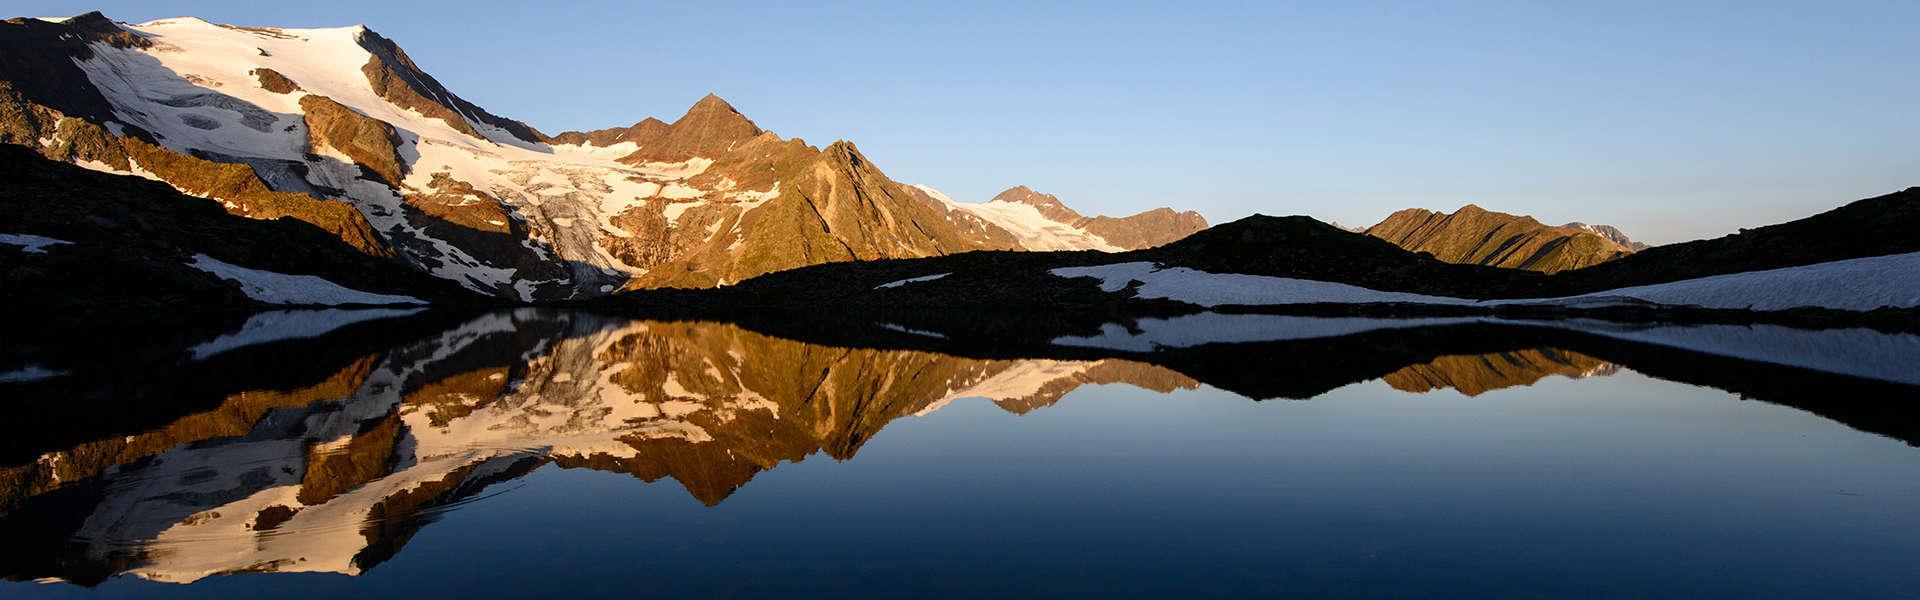 Stubai light in the mountains by Martina & Guus Reinartz